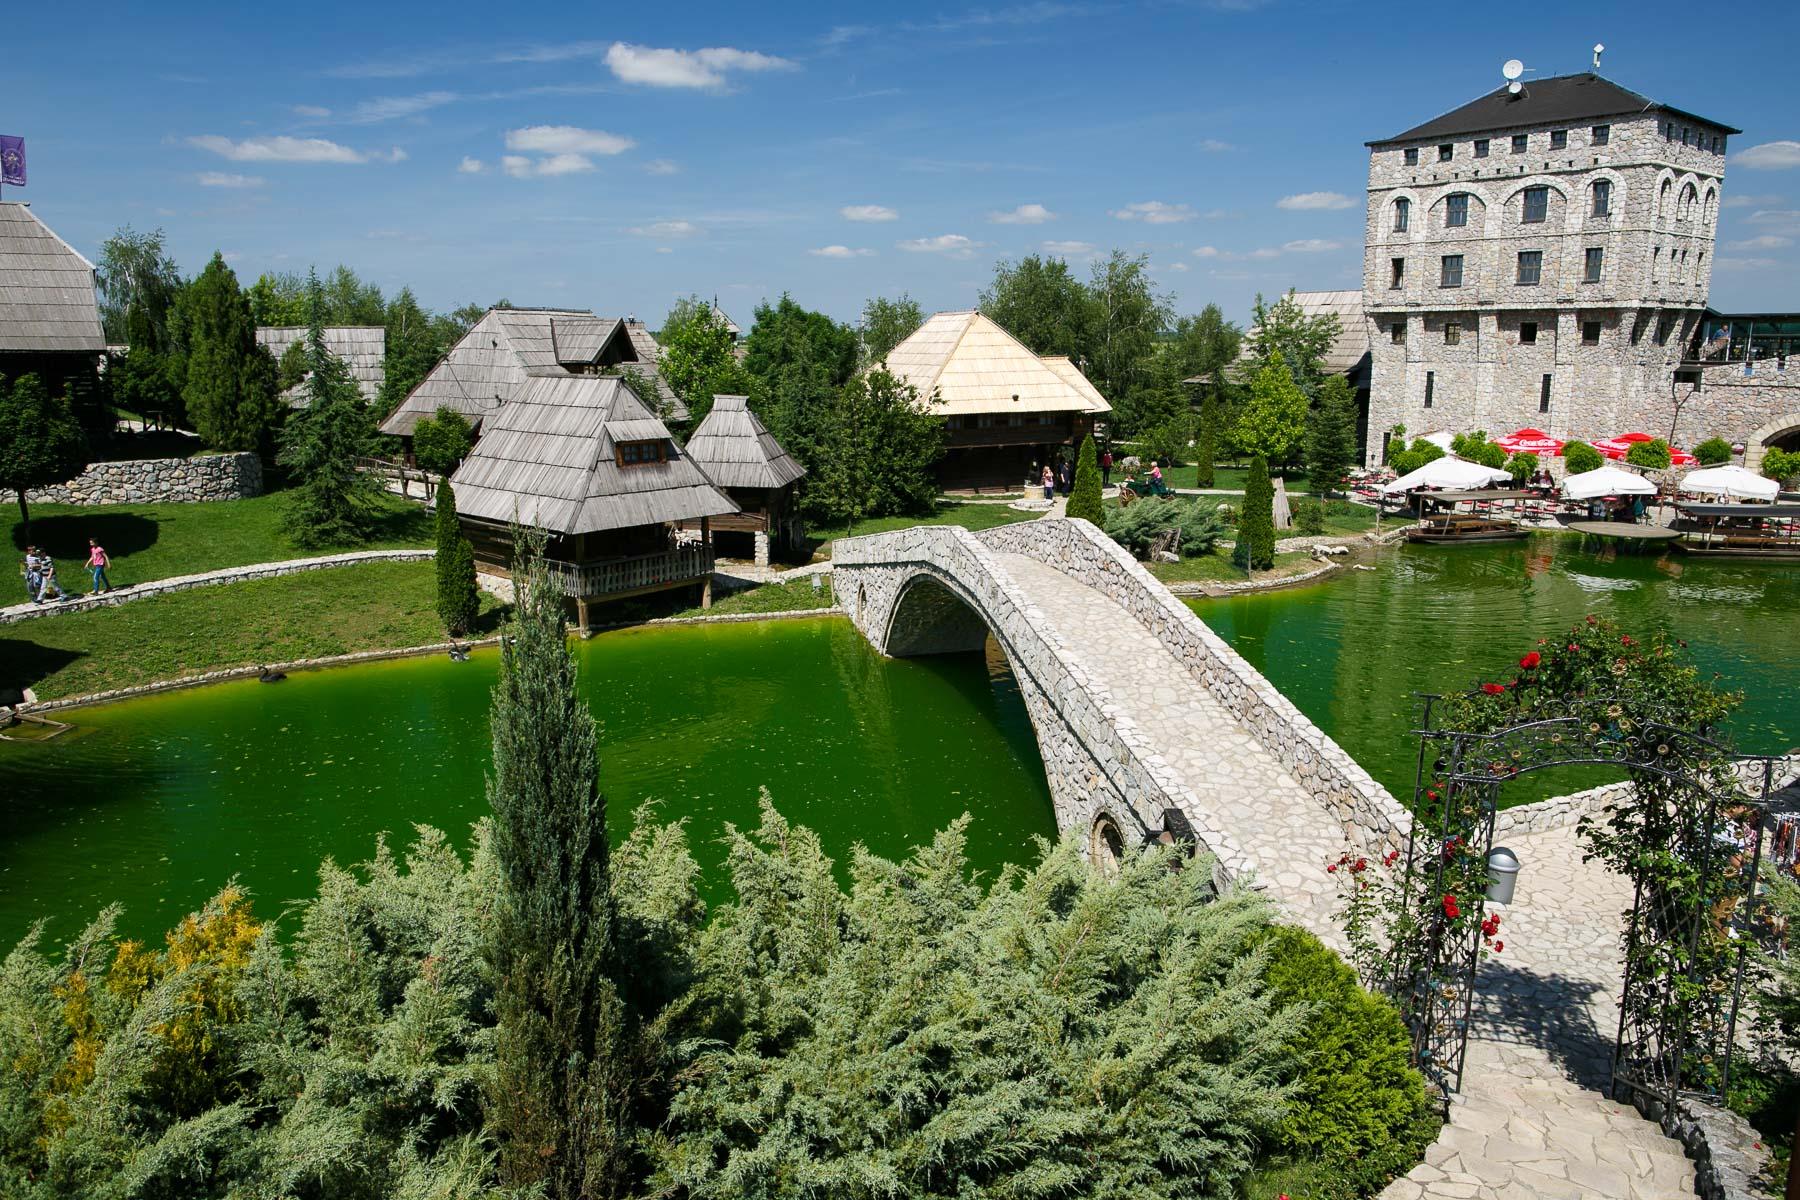 Stanišiči ethnic village, Bijeljina